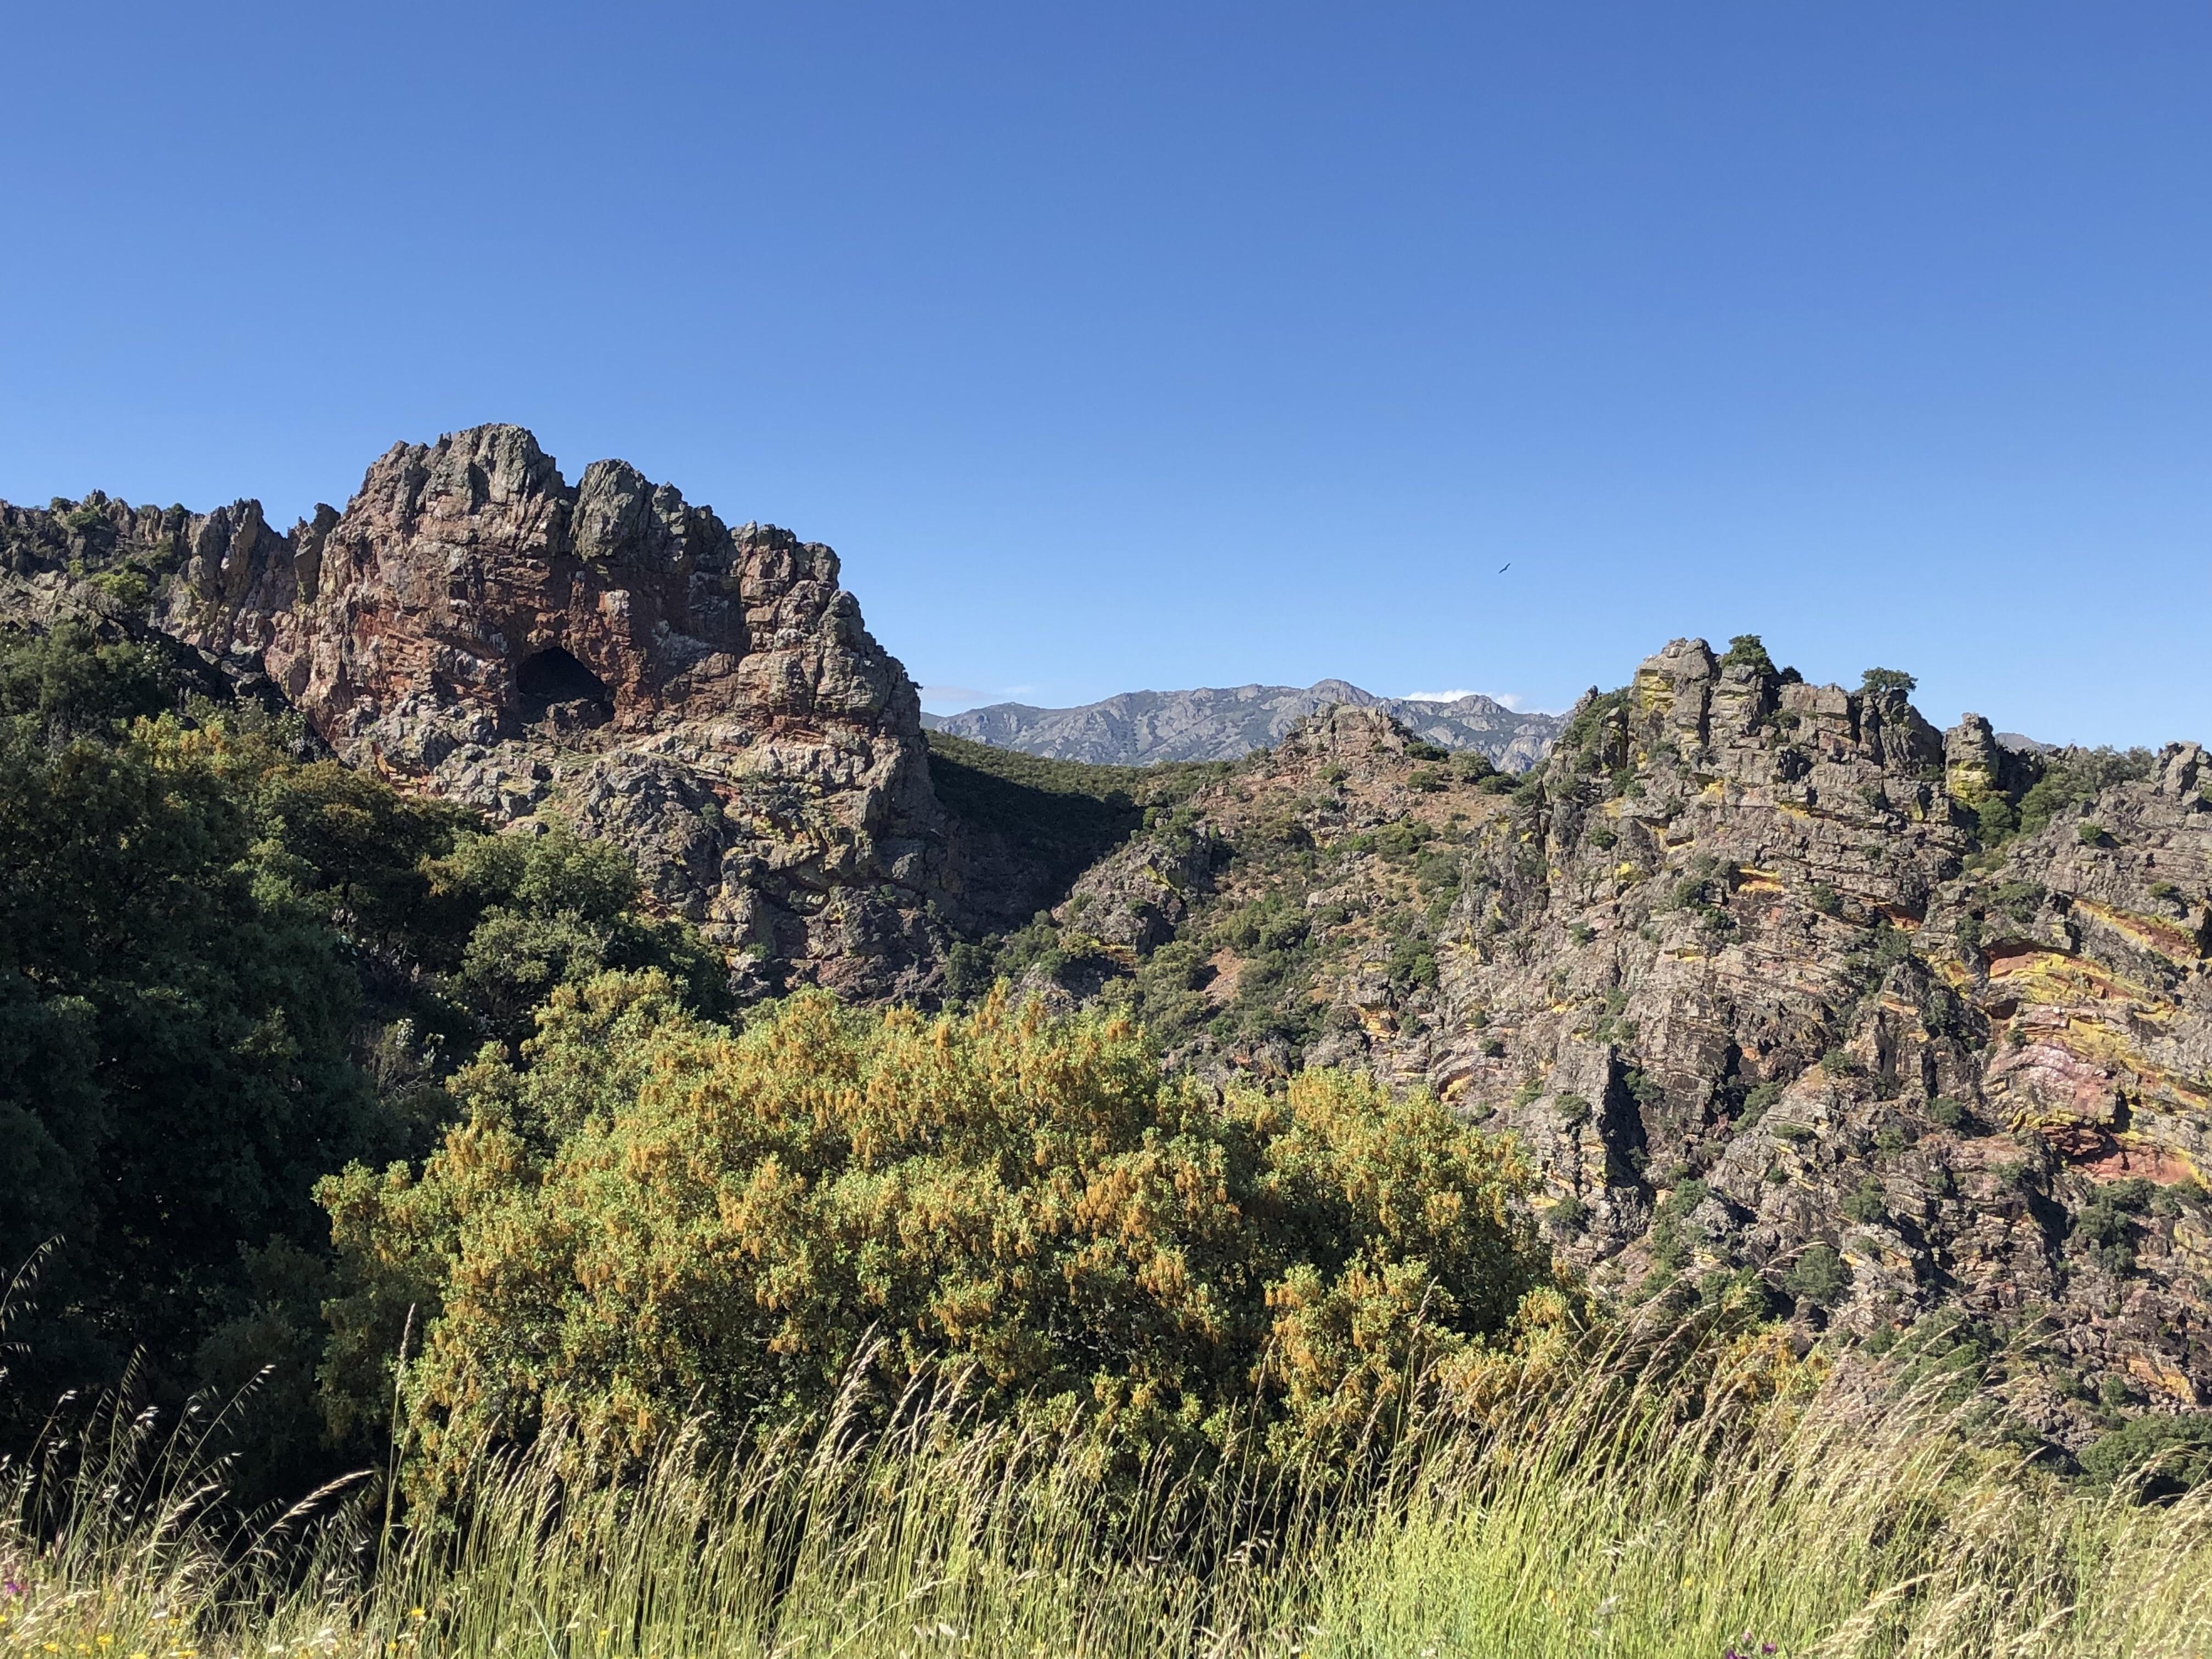 Geositio localizado a lo largo del Camino Natural de Las Villuercas en el Geoparque